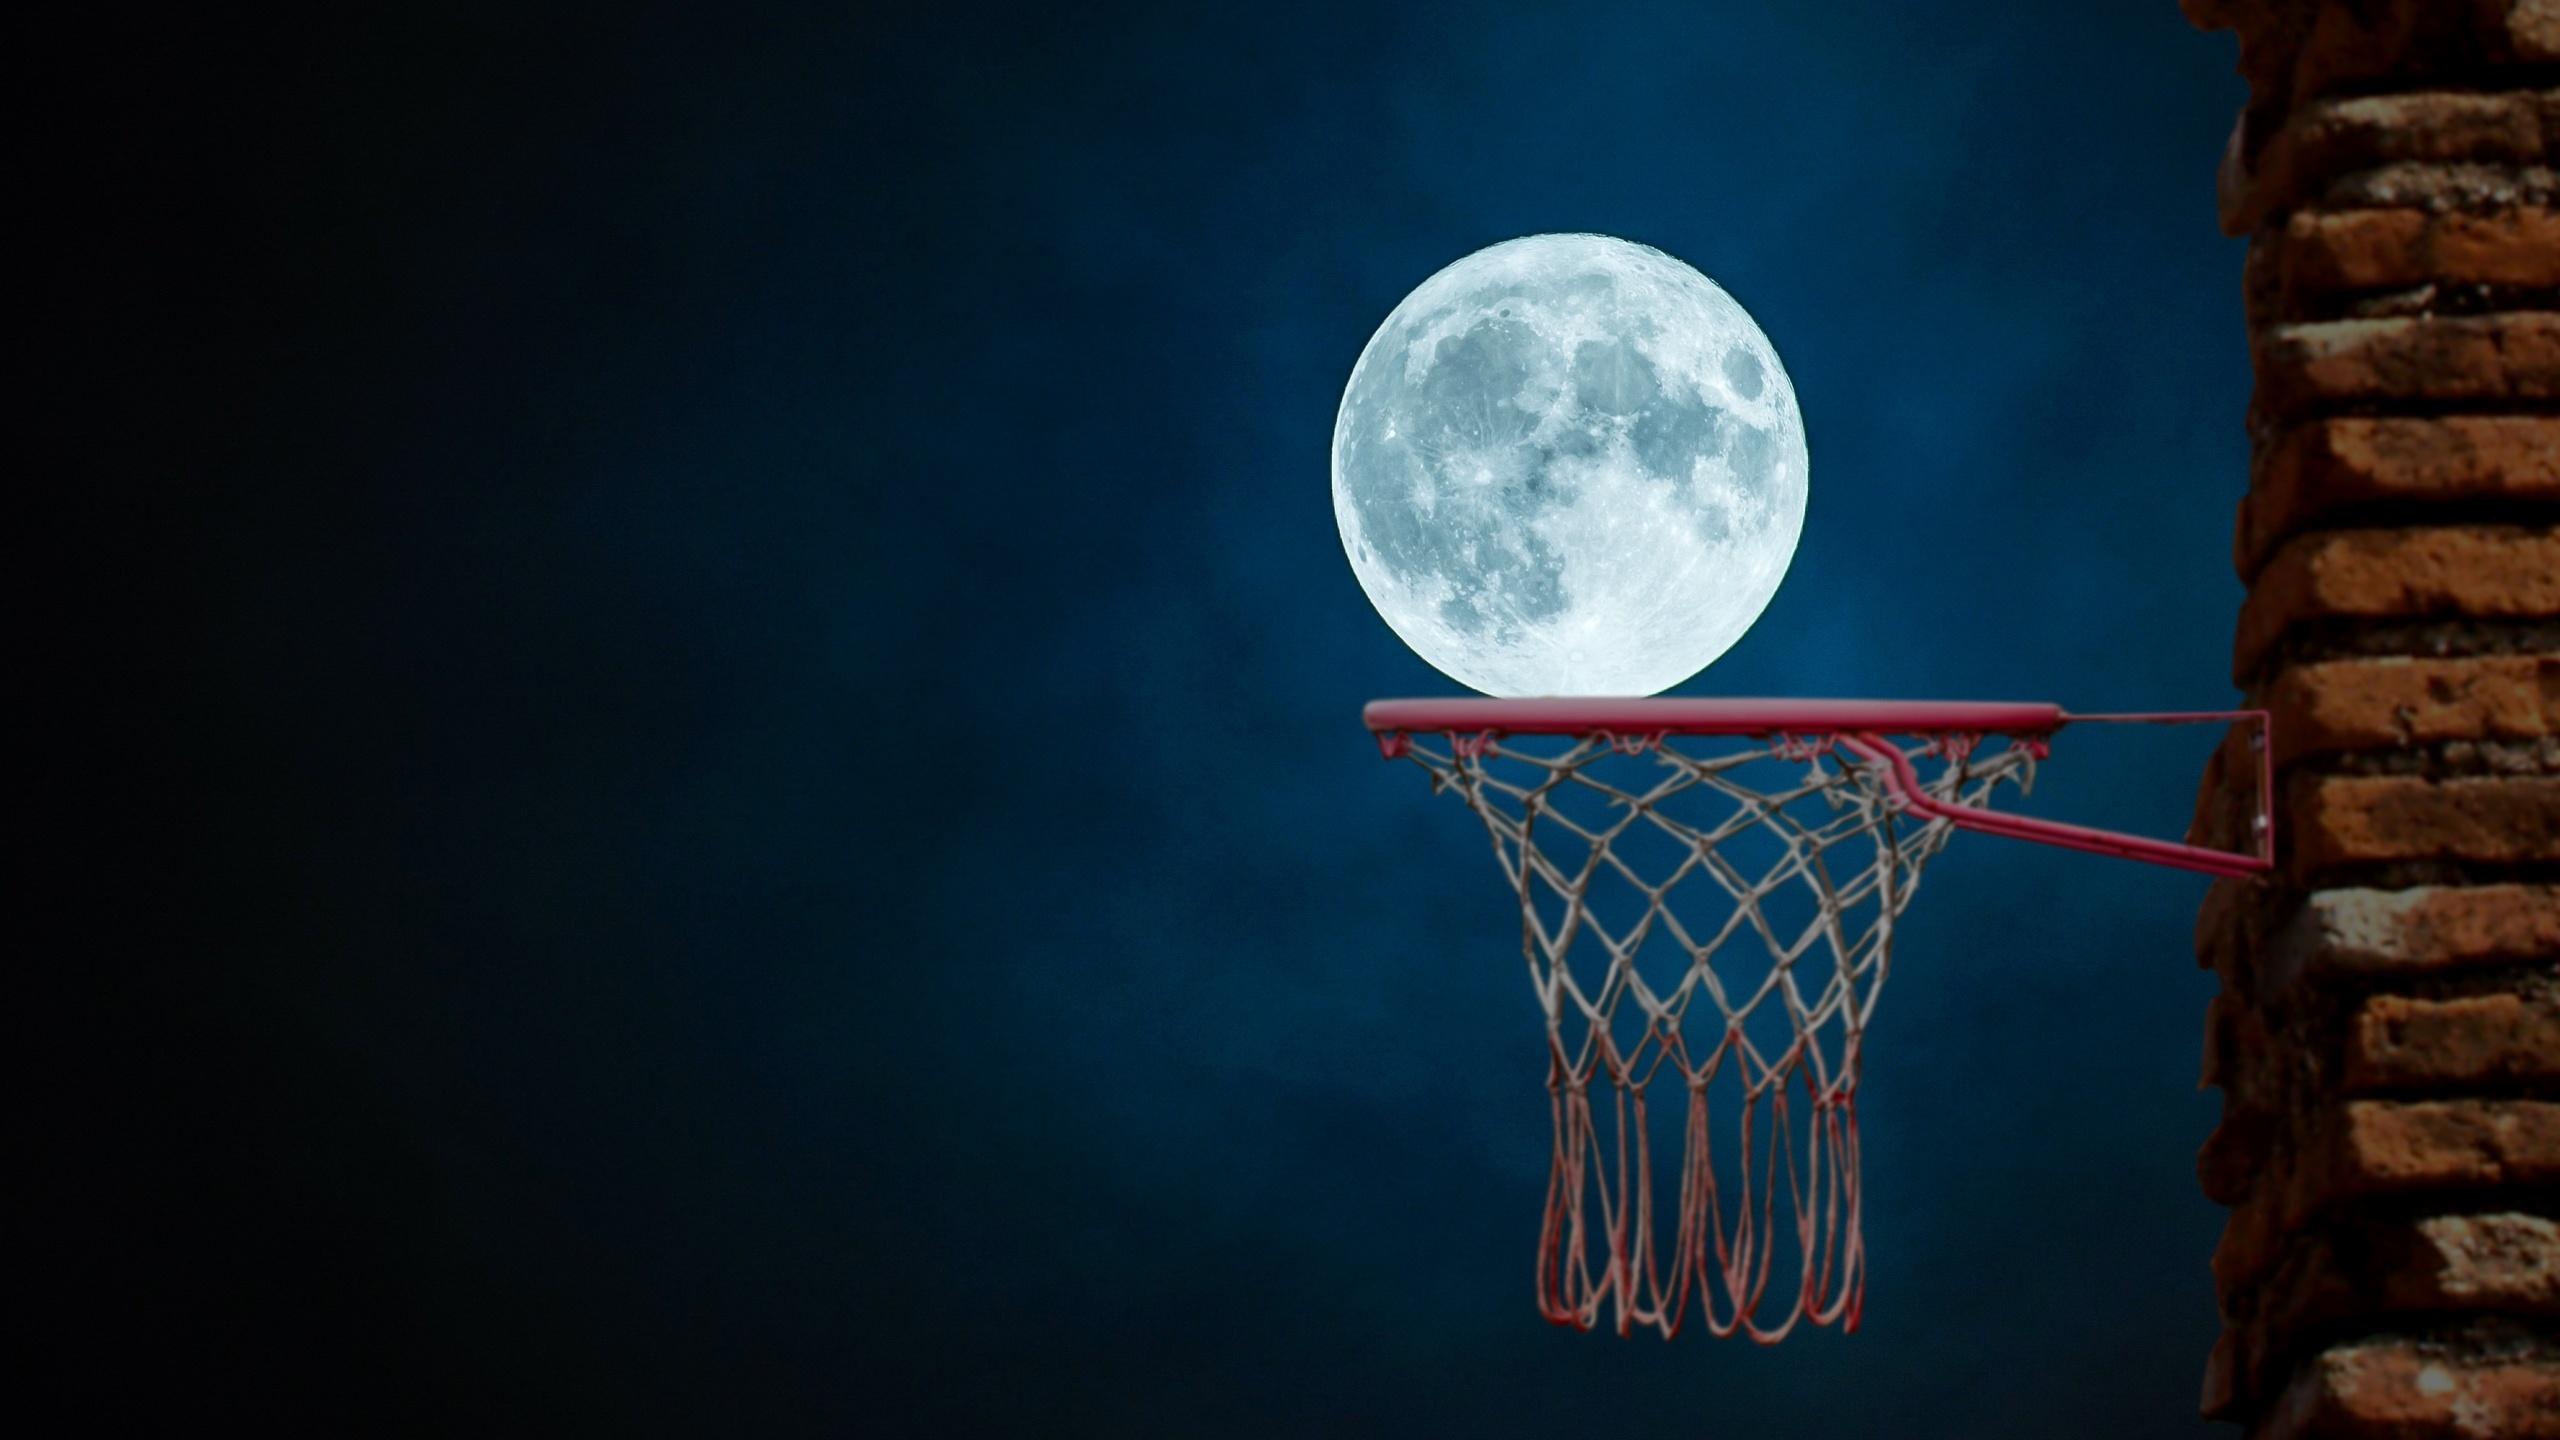 ночь, луна, баскетбол, корзина